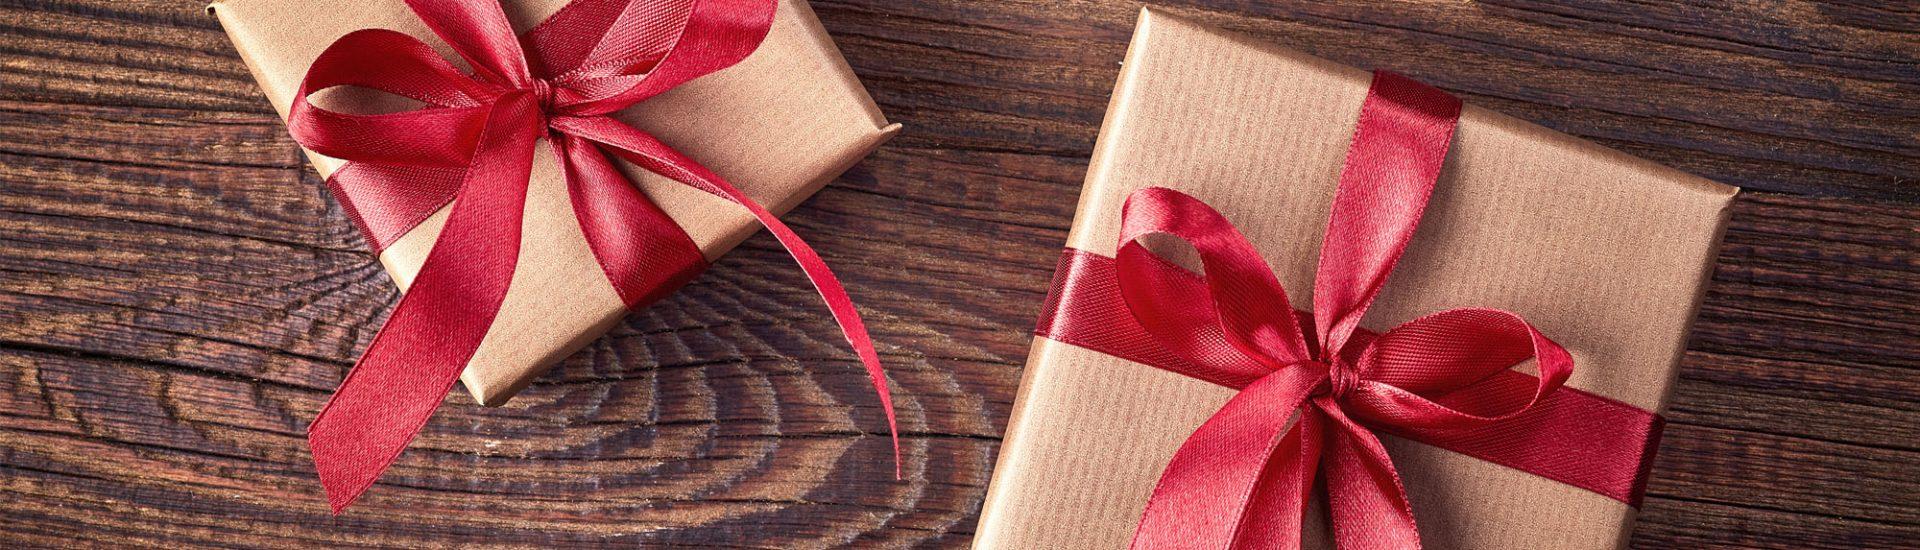 Ausgefallene Weihnachtsgeschenke: Top 10, Do's & Dont's